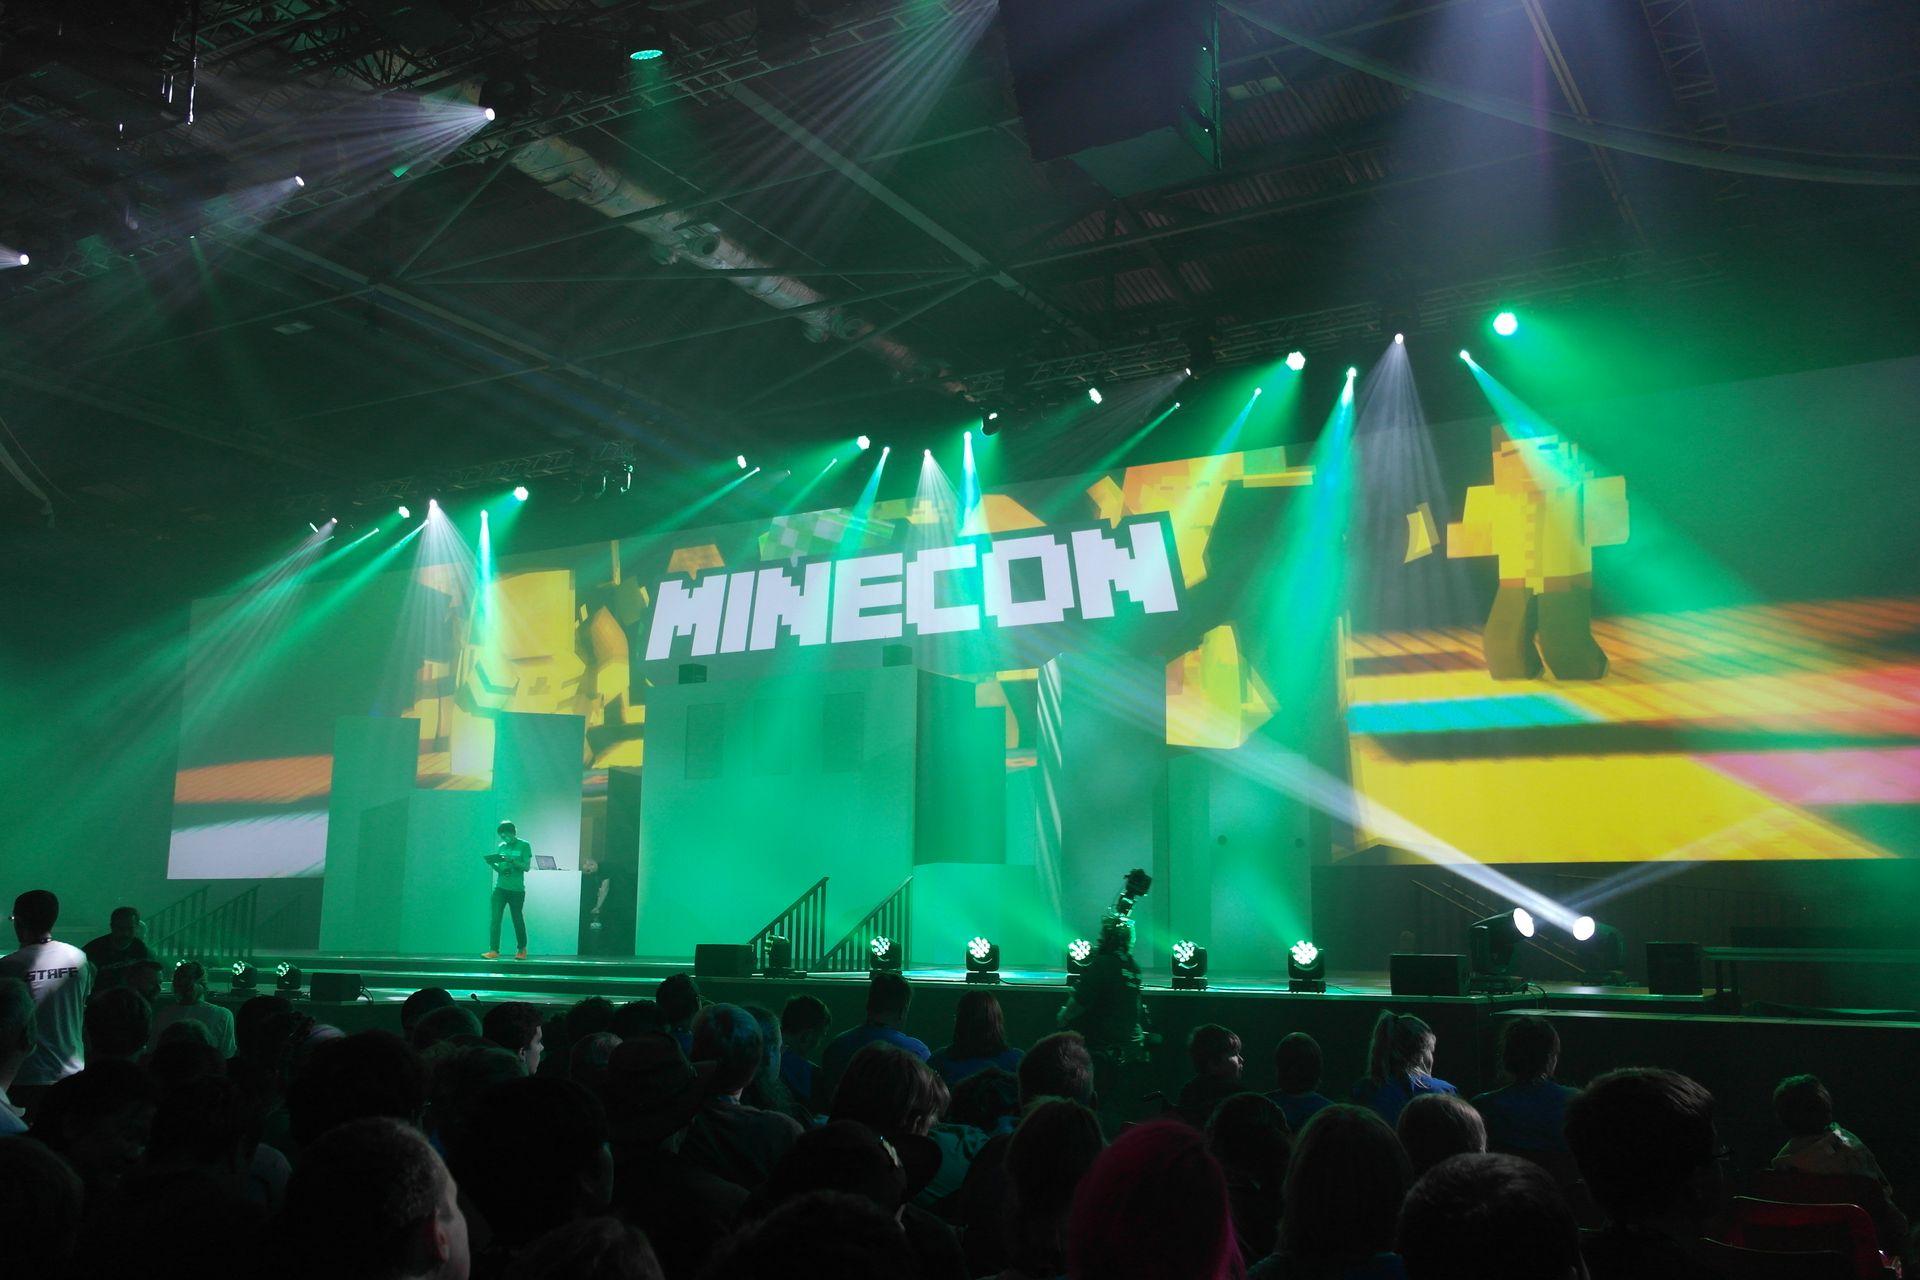 Minecraftin musat tehnyt C418 toimi DJ:nä ja soitti musaa samalla kun väki vaelsi saliin ja odotteli shown alkua.